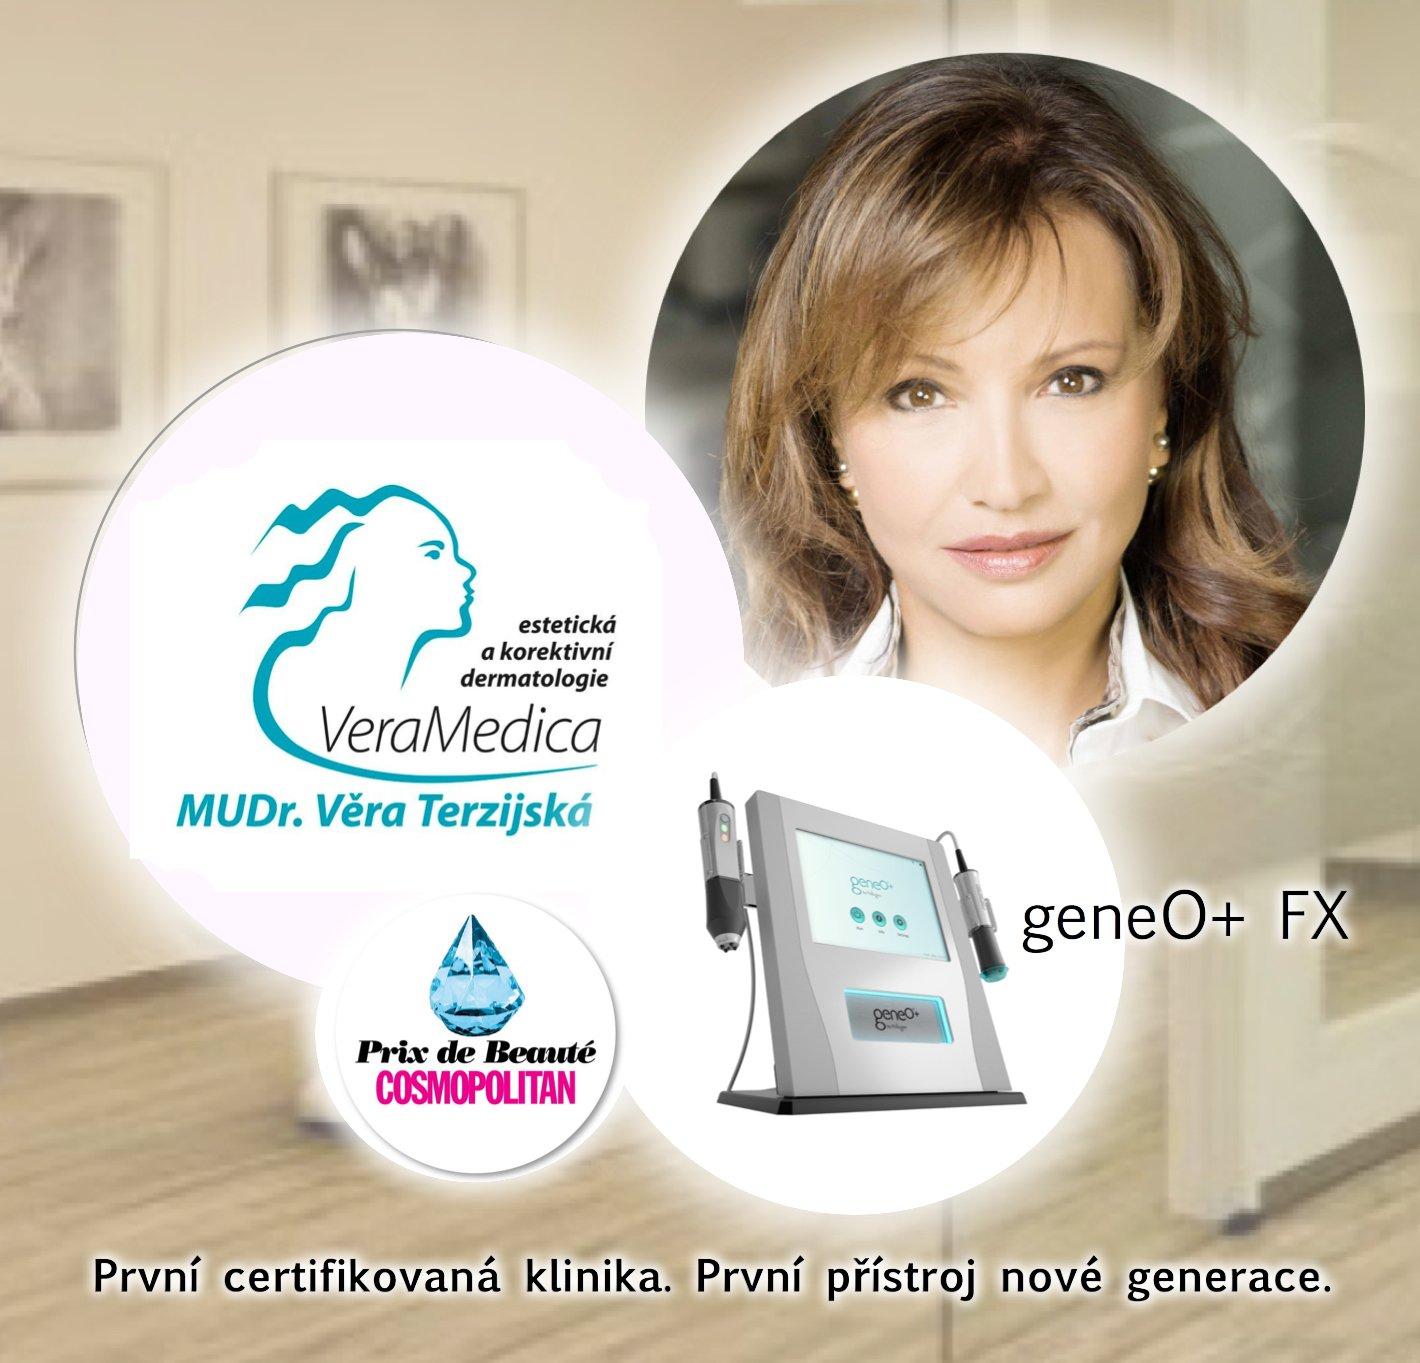 geneO FX Veramedica finale 1